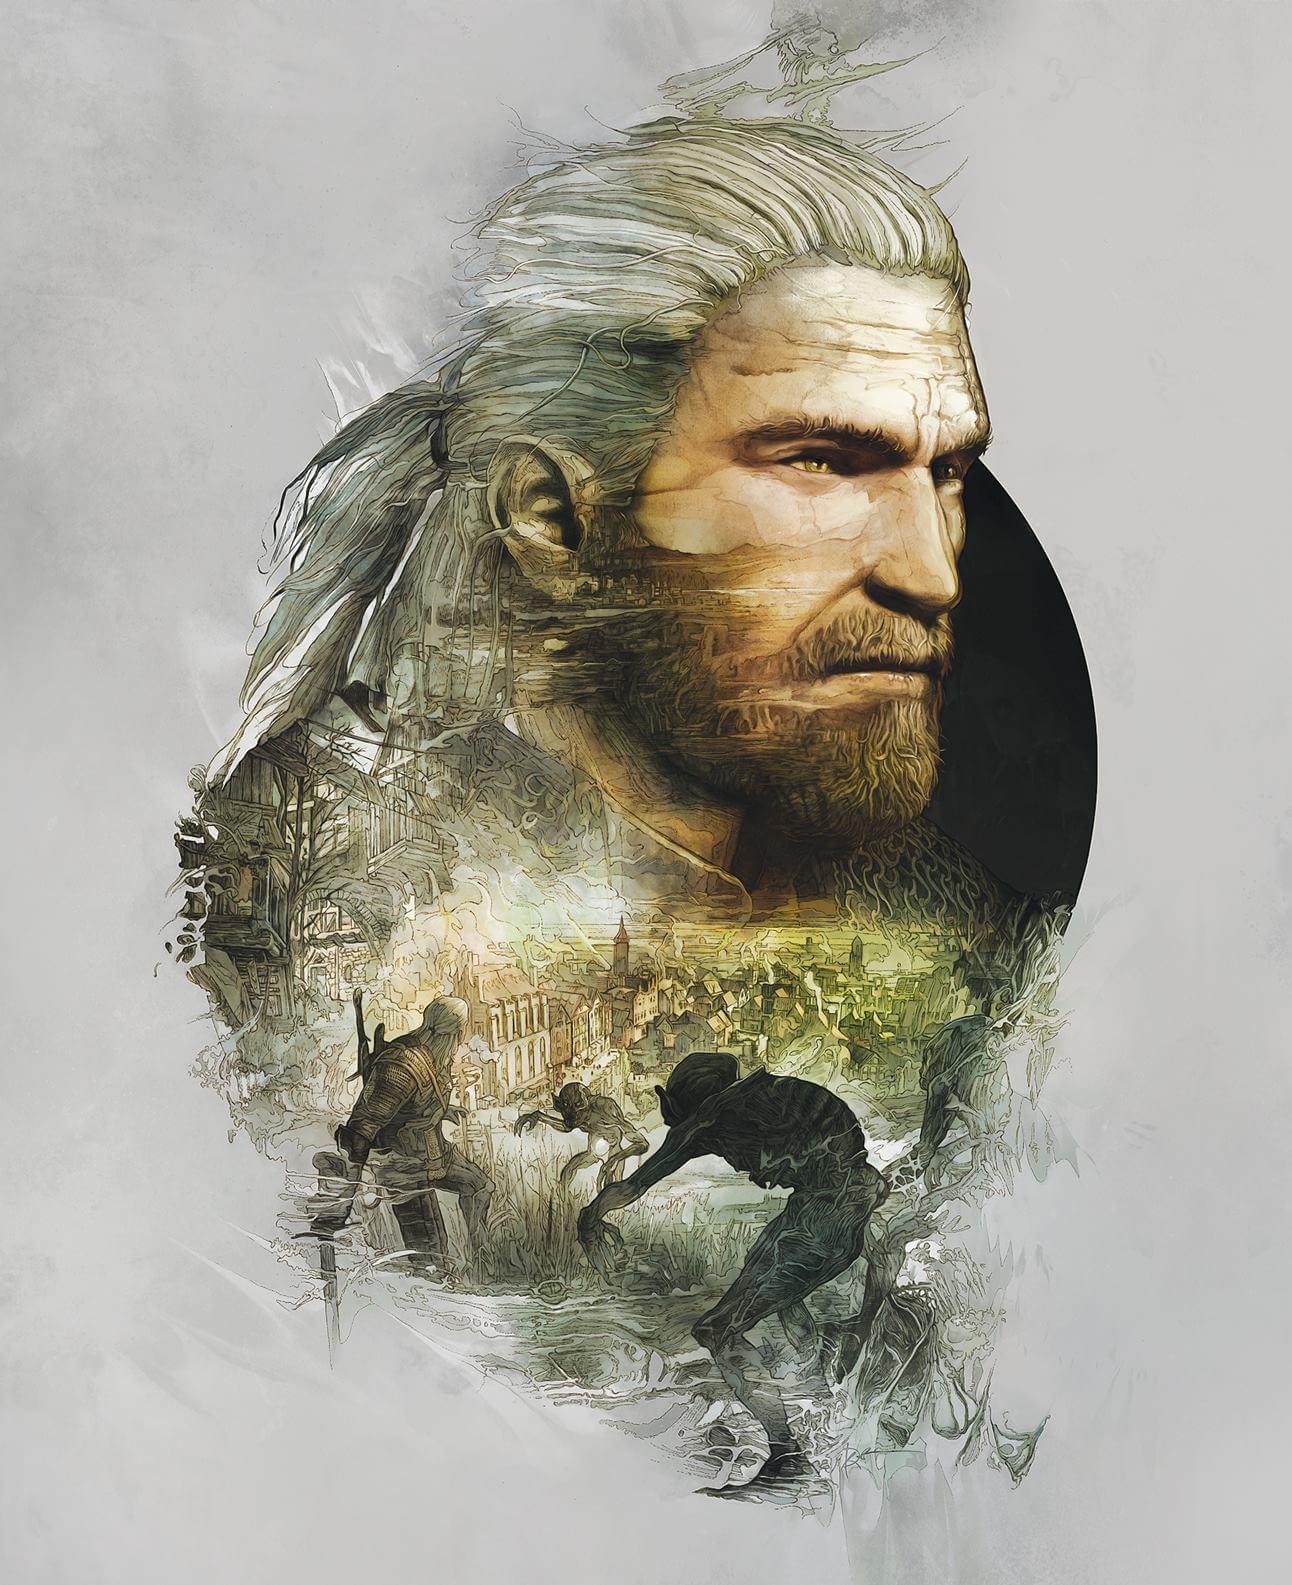 Confira imagens dos personagens de The Witcher 3: Wild Hunt